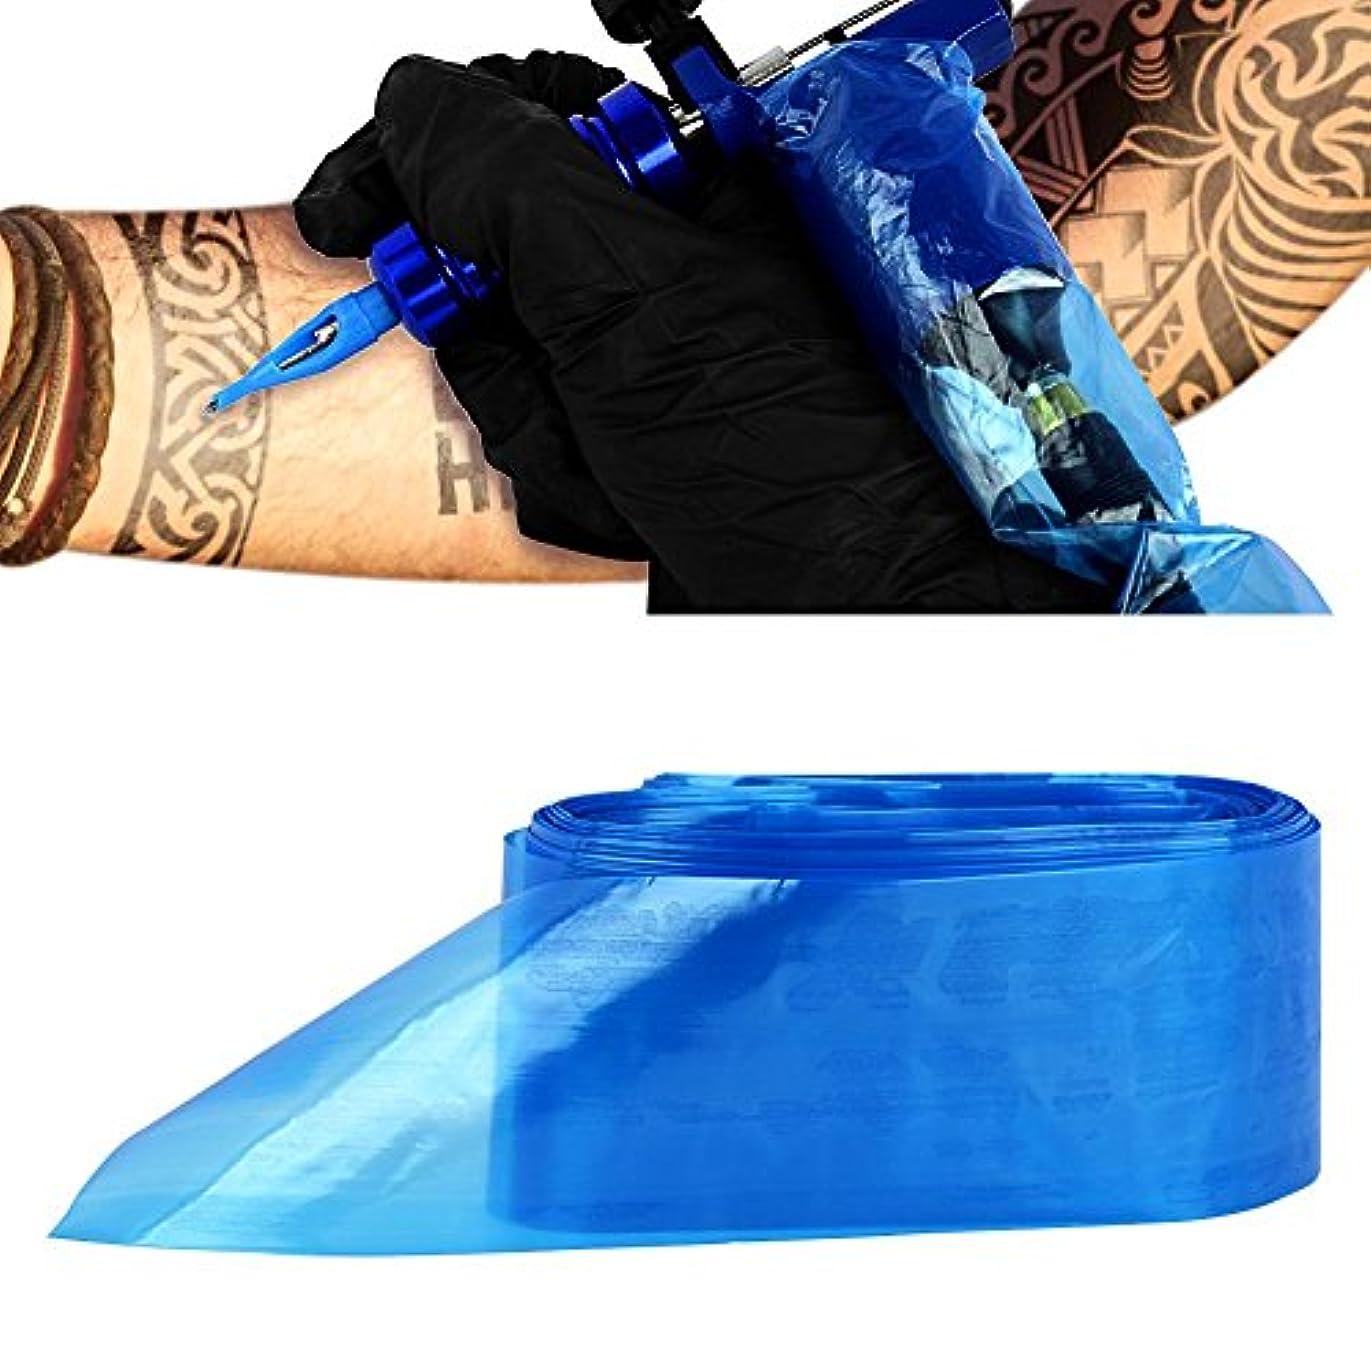 密輸これまでナプキンATOMUS タトゥークリップカバー バッグ タトゥ コード スリーブバッグ タトゥーマシンのため 使い捨て ブルー 100PCS